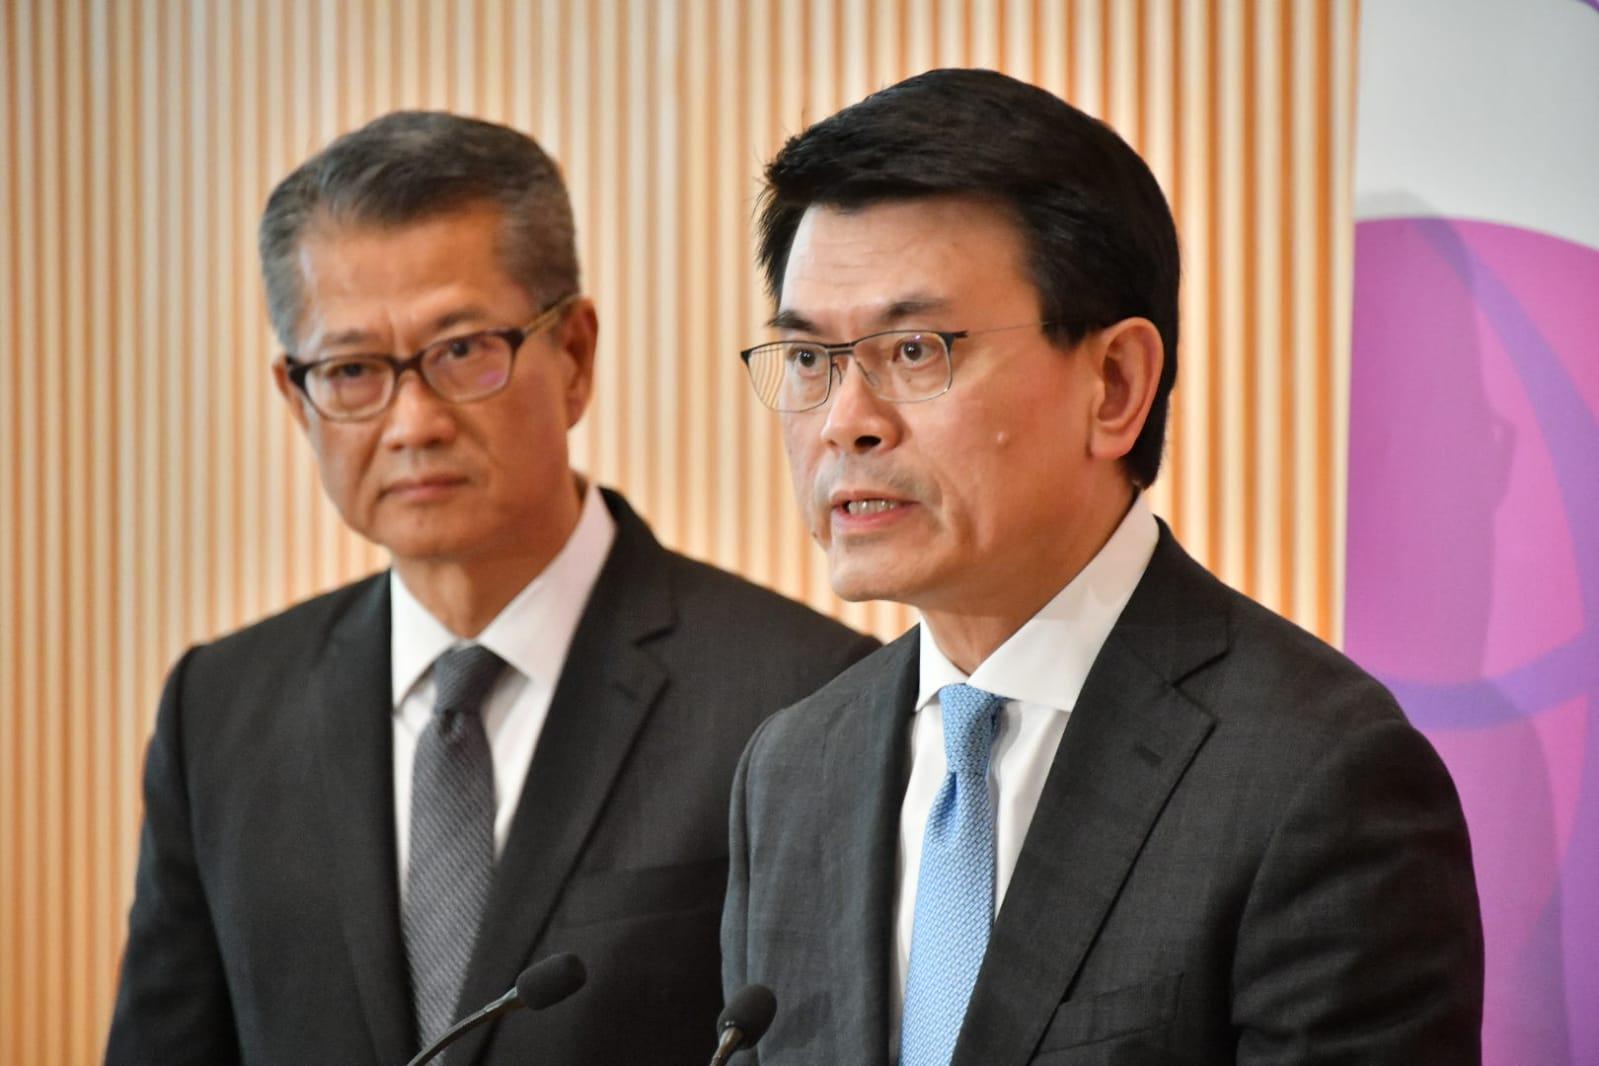 邱騰華表示,旅遊業和零售業受到本地事件影響首當其衝